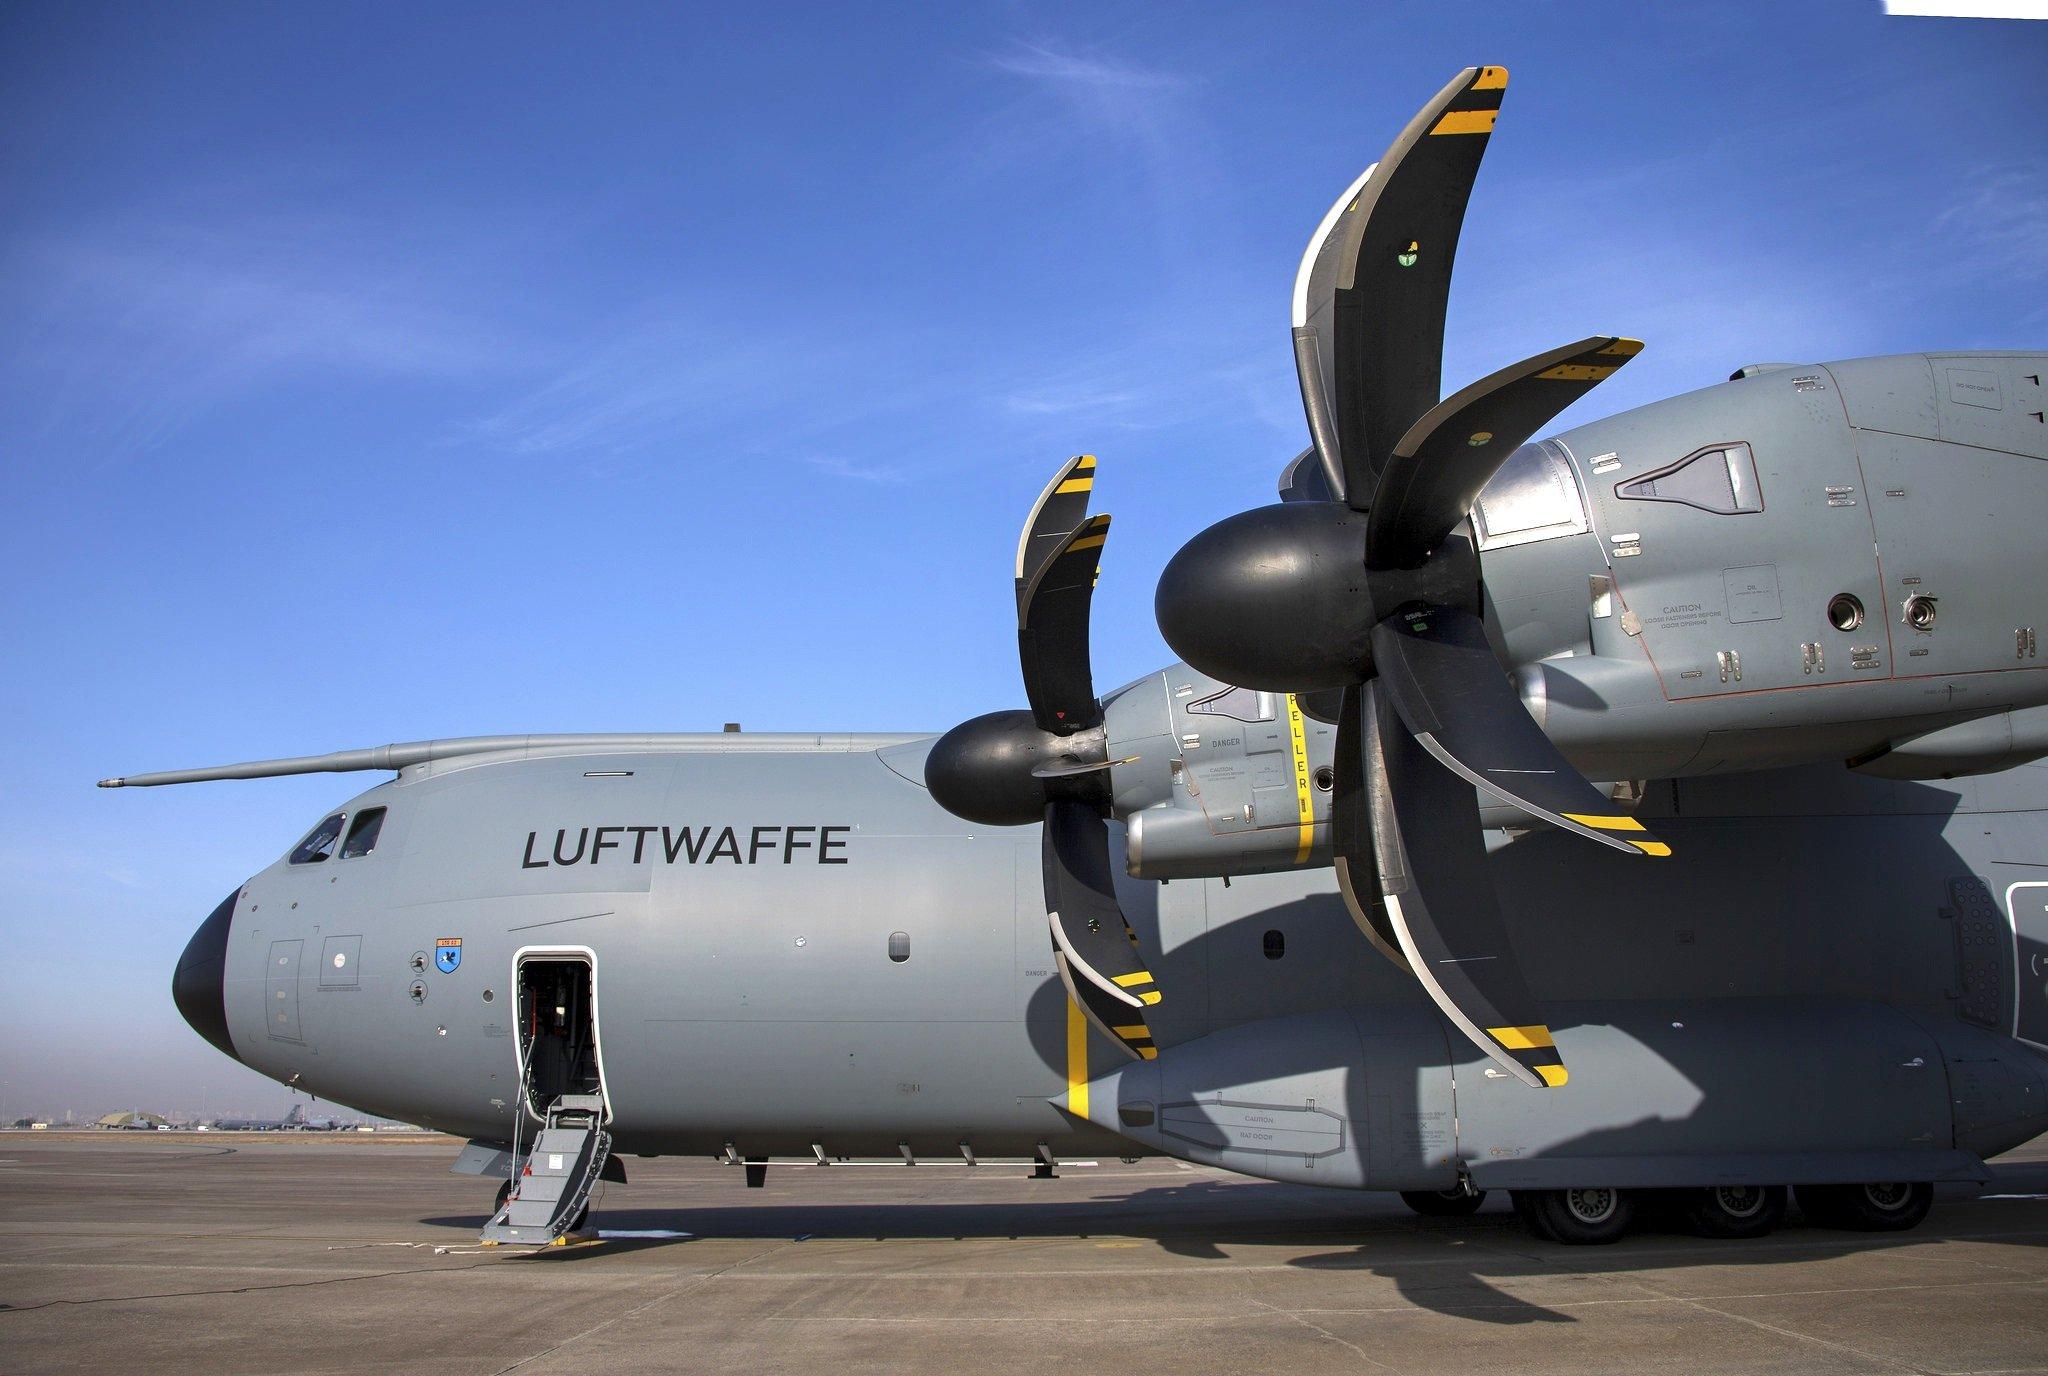 Die jetzt entdeckten Haarrisse sind an der Befestigung der Tragflächen am Rumpf aufgetreten. Der Austausch der betroffenen Bauteile dauert nach Airbus-Angaben sieben Monate pro Maschine.